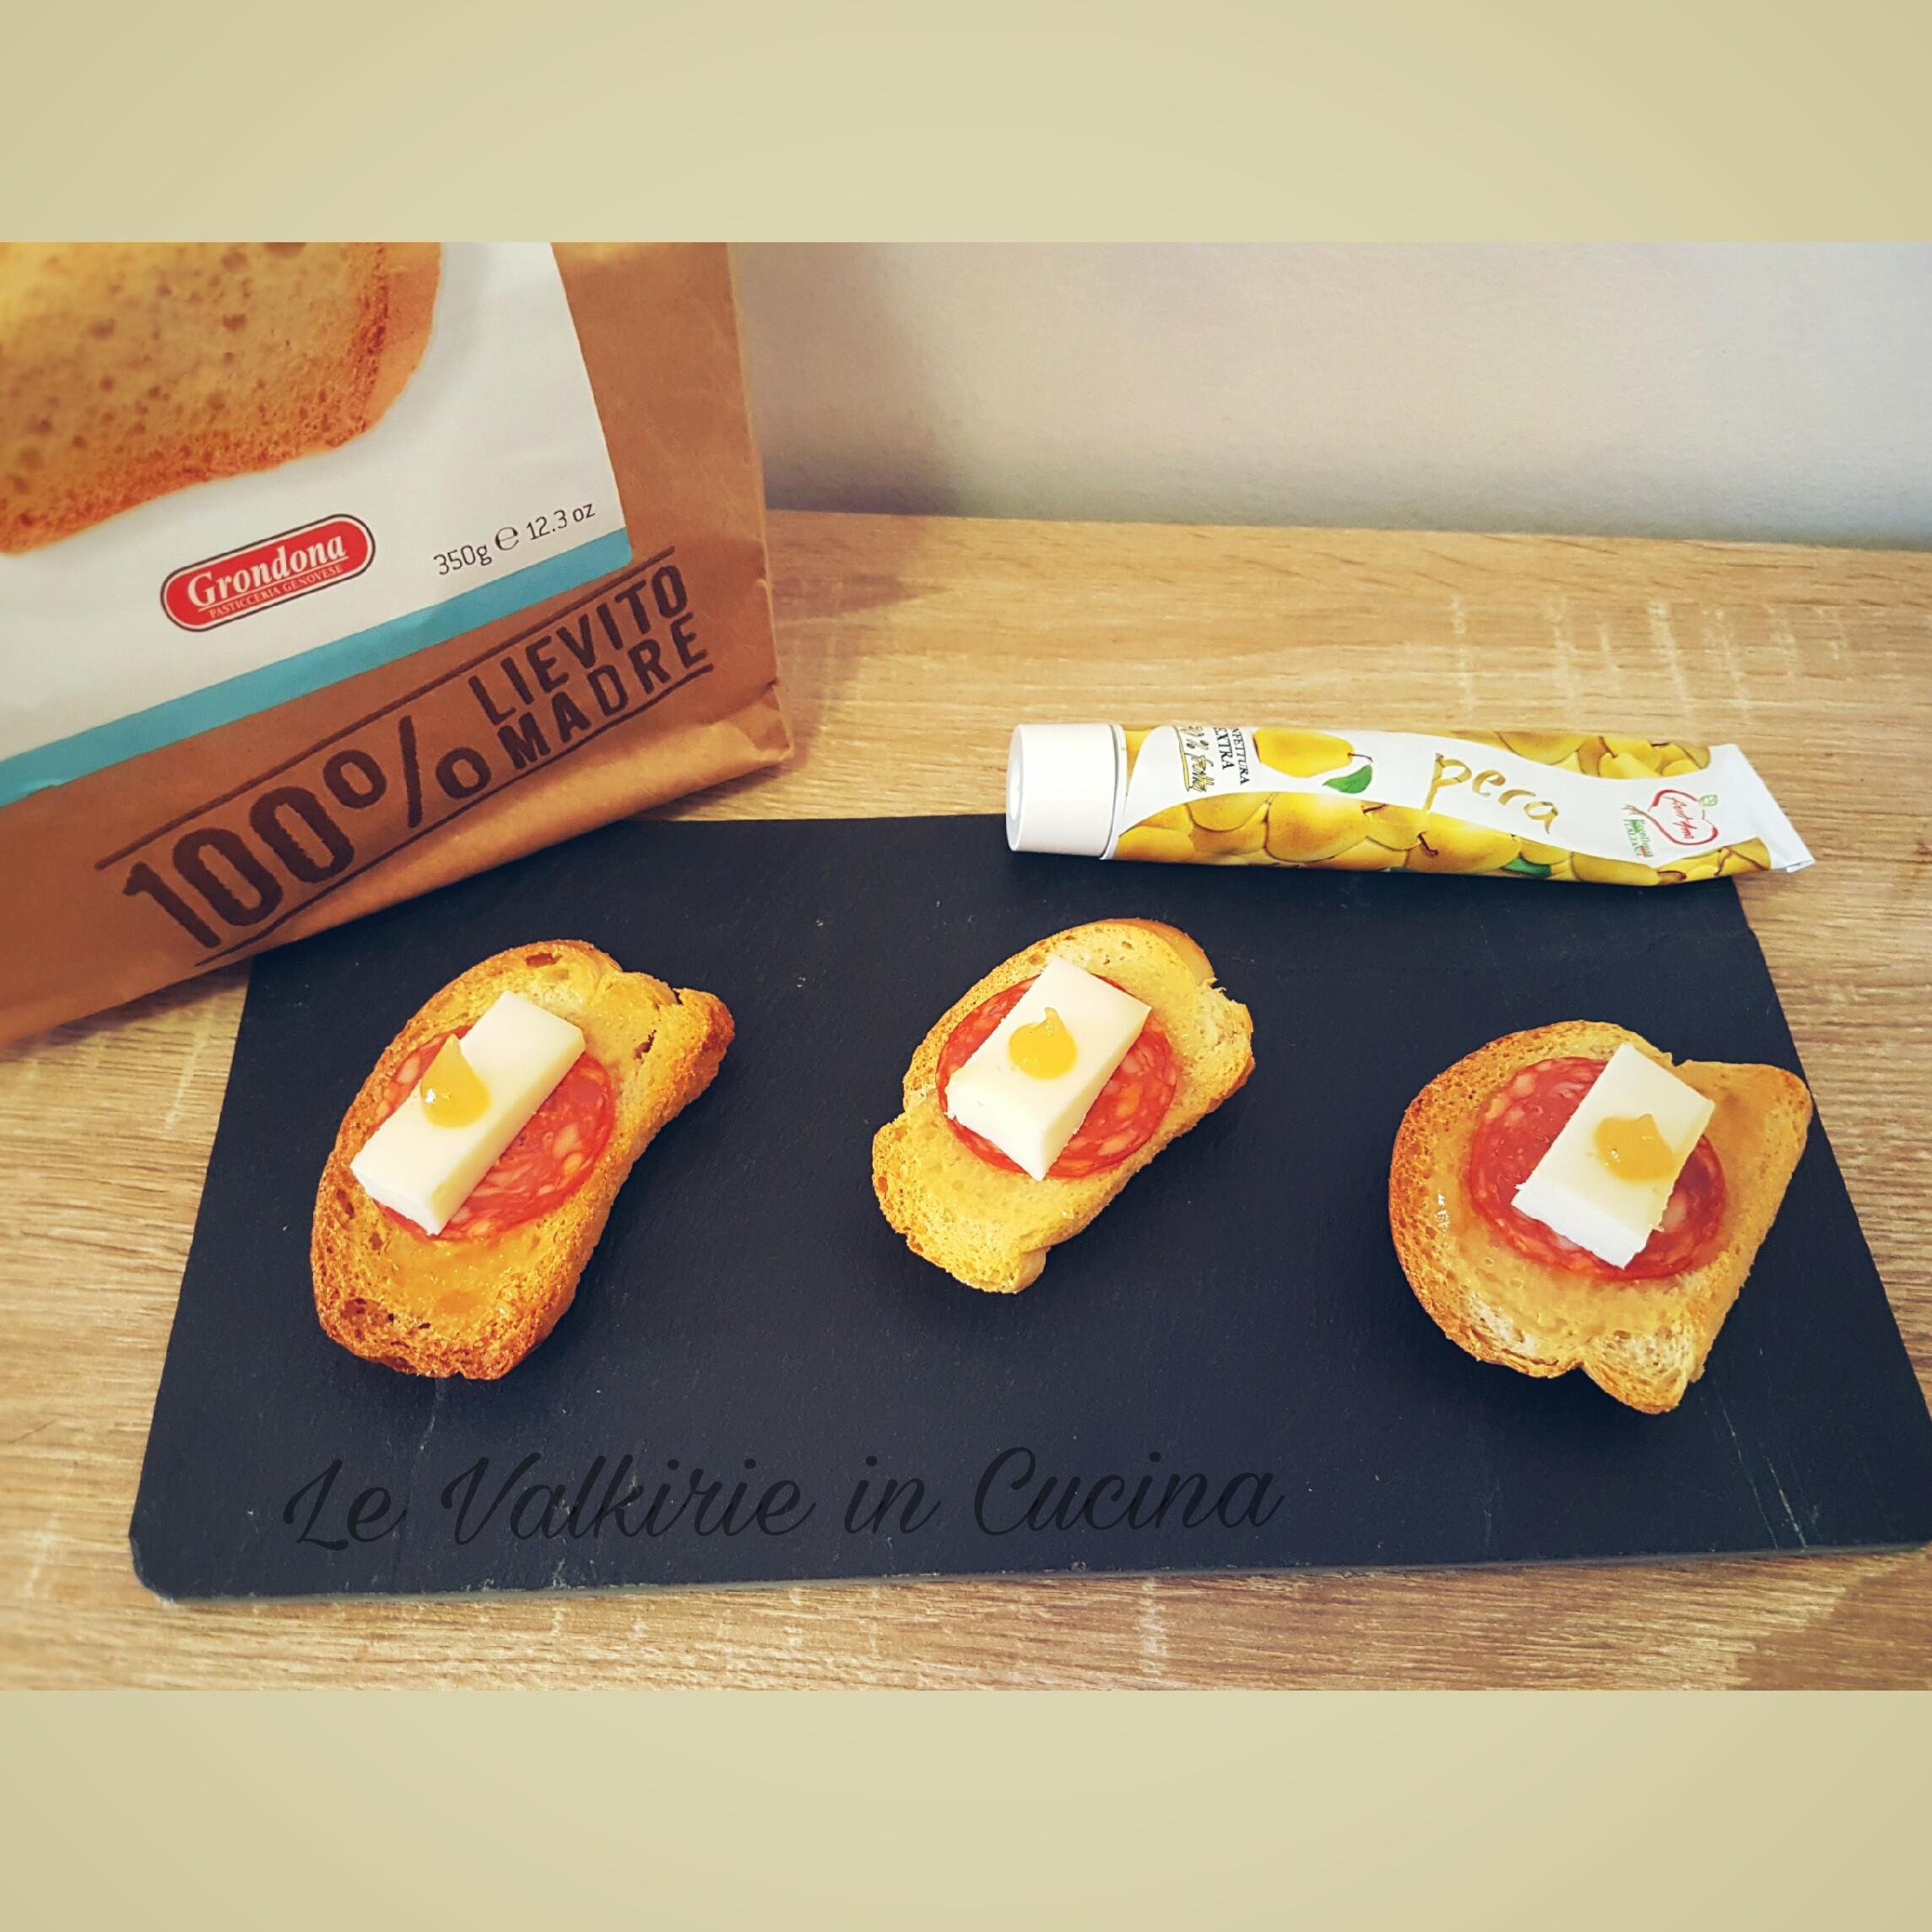 Pane tostato croccante con confettura di Pere formaggio e salamino piccante